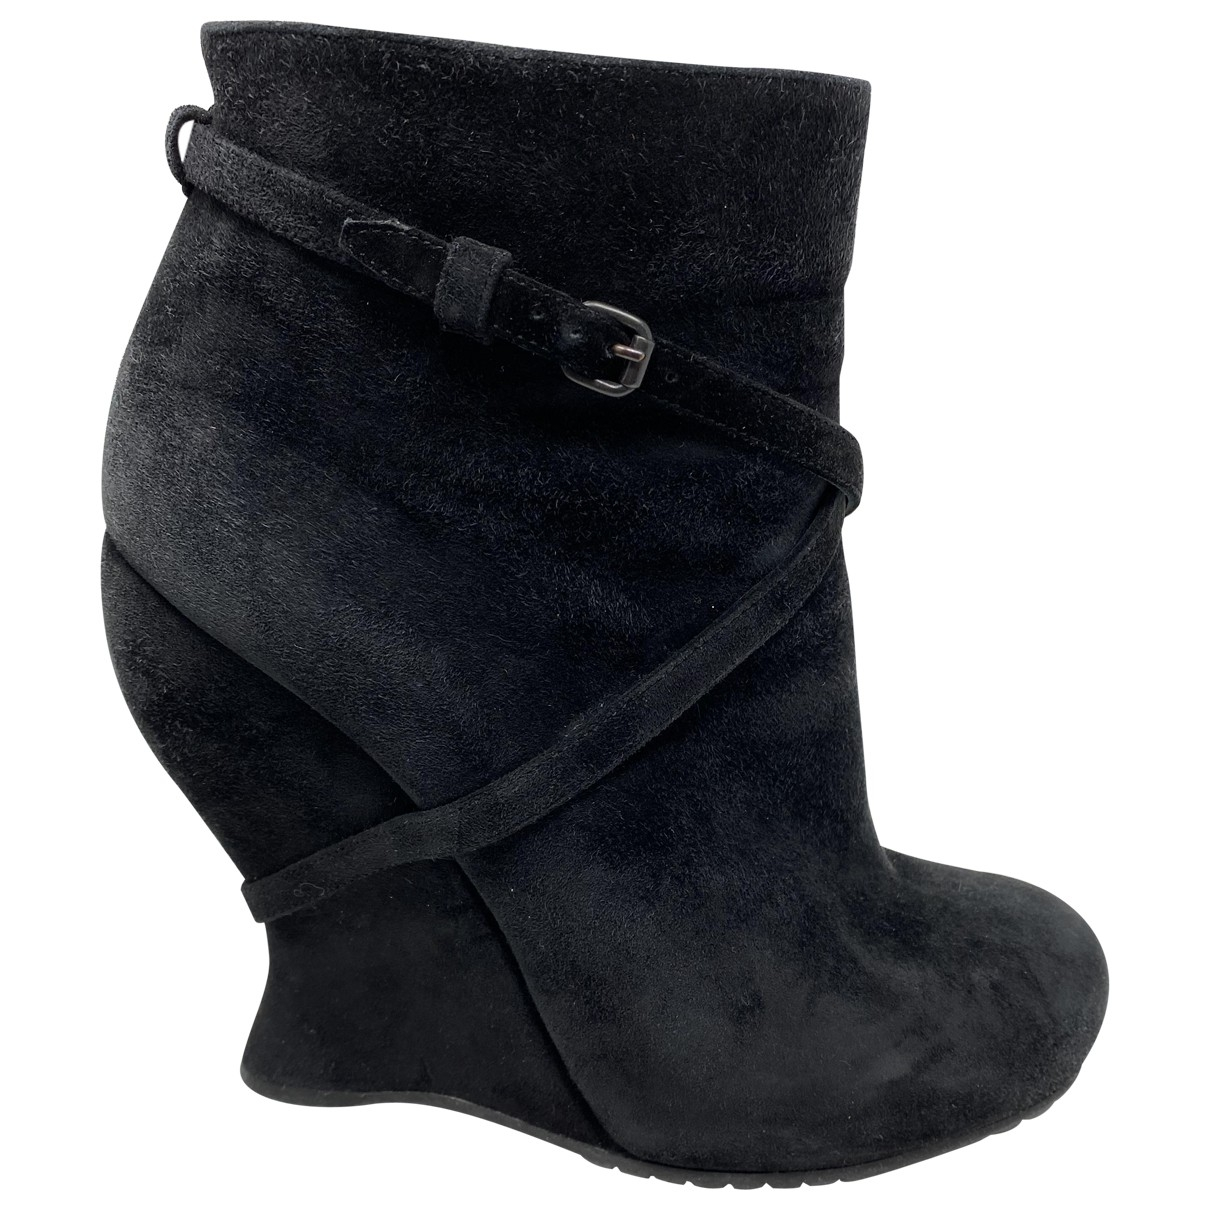 Bottega Veneta - Boots   pour femme en suede - noir